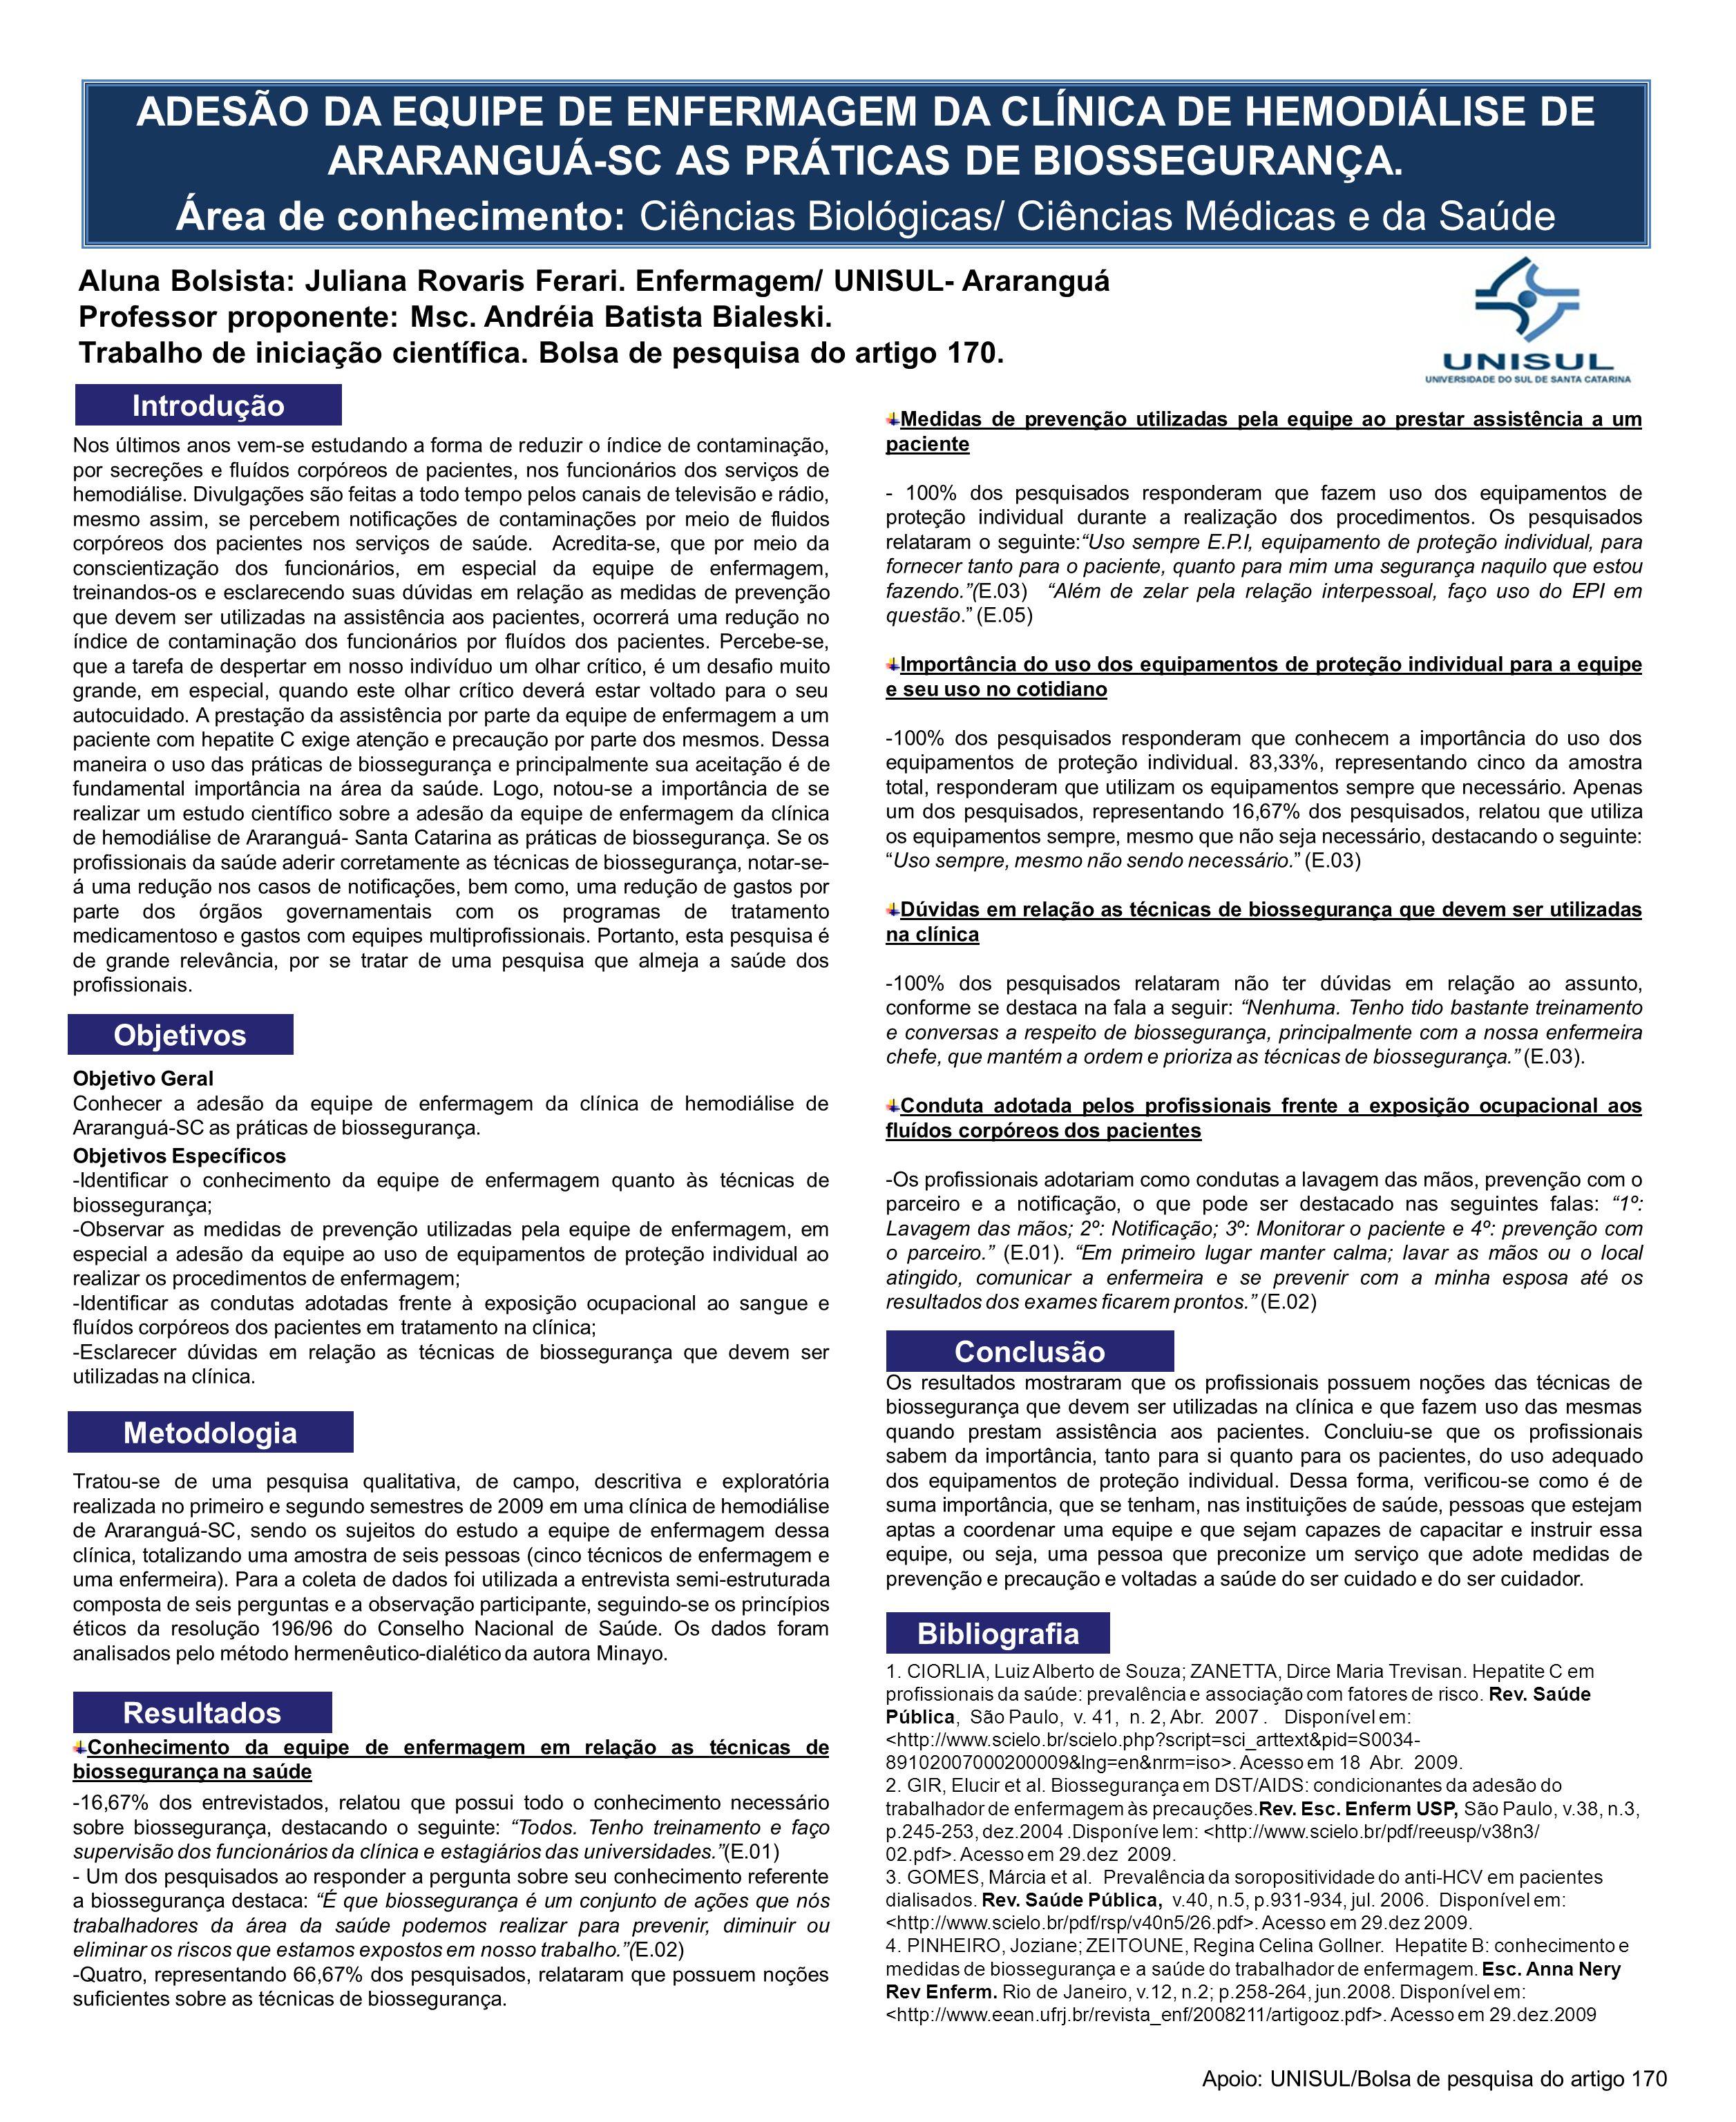 Área de conhecimento: Ciências Biológicas/ Ciências Médicas e da Saúde